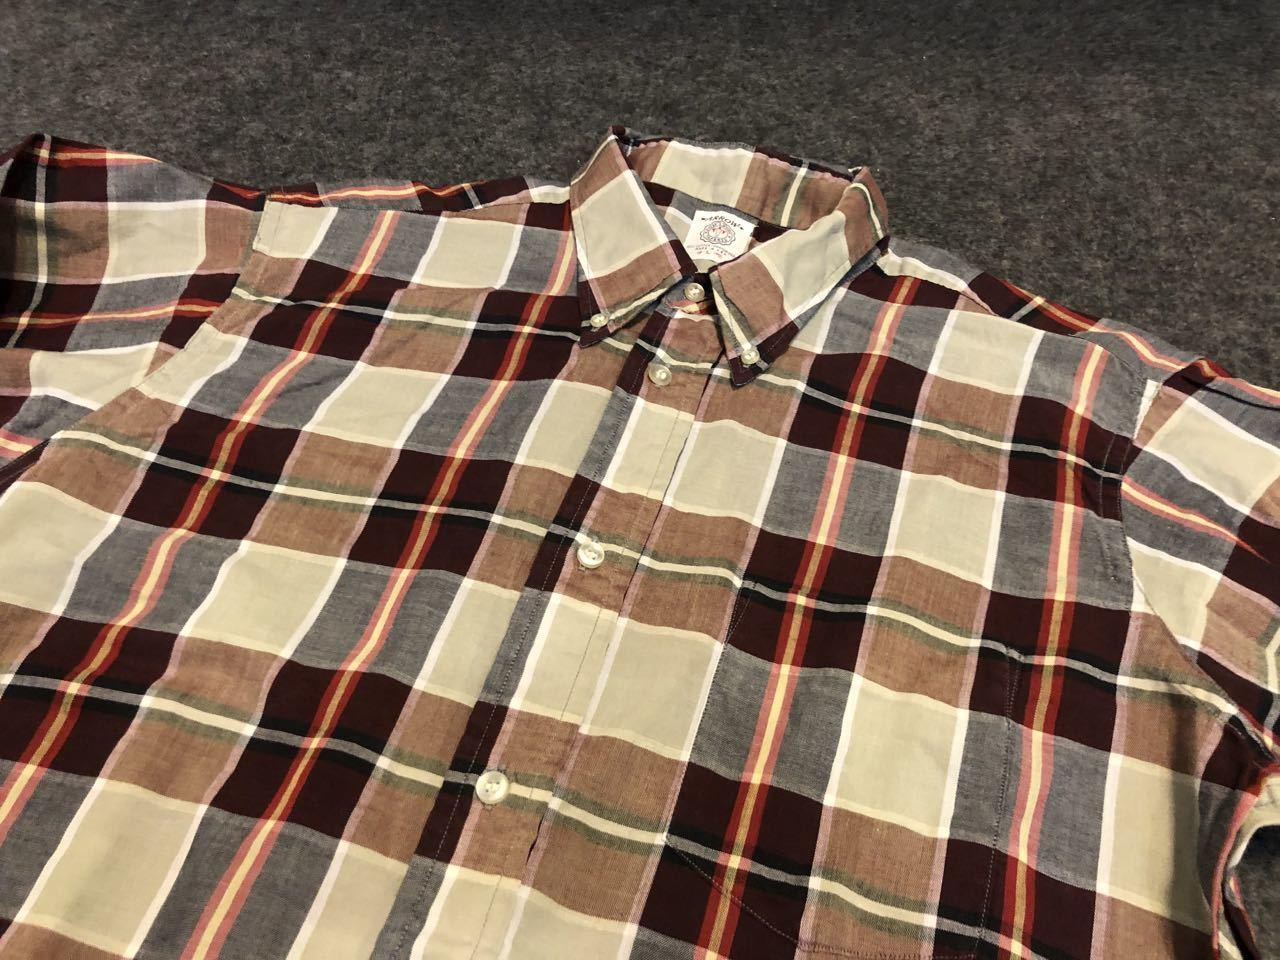 アメリカ仕入れ情報#31 3/14入荷!60s all cotton ARROW  B.D shirts!_c0144020_14201523.jpg